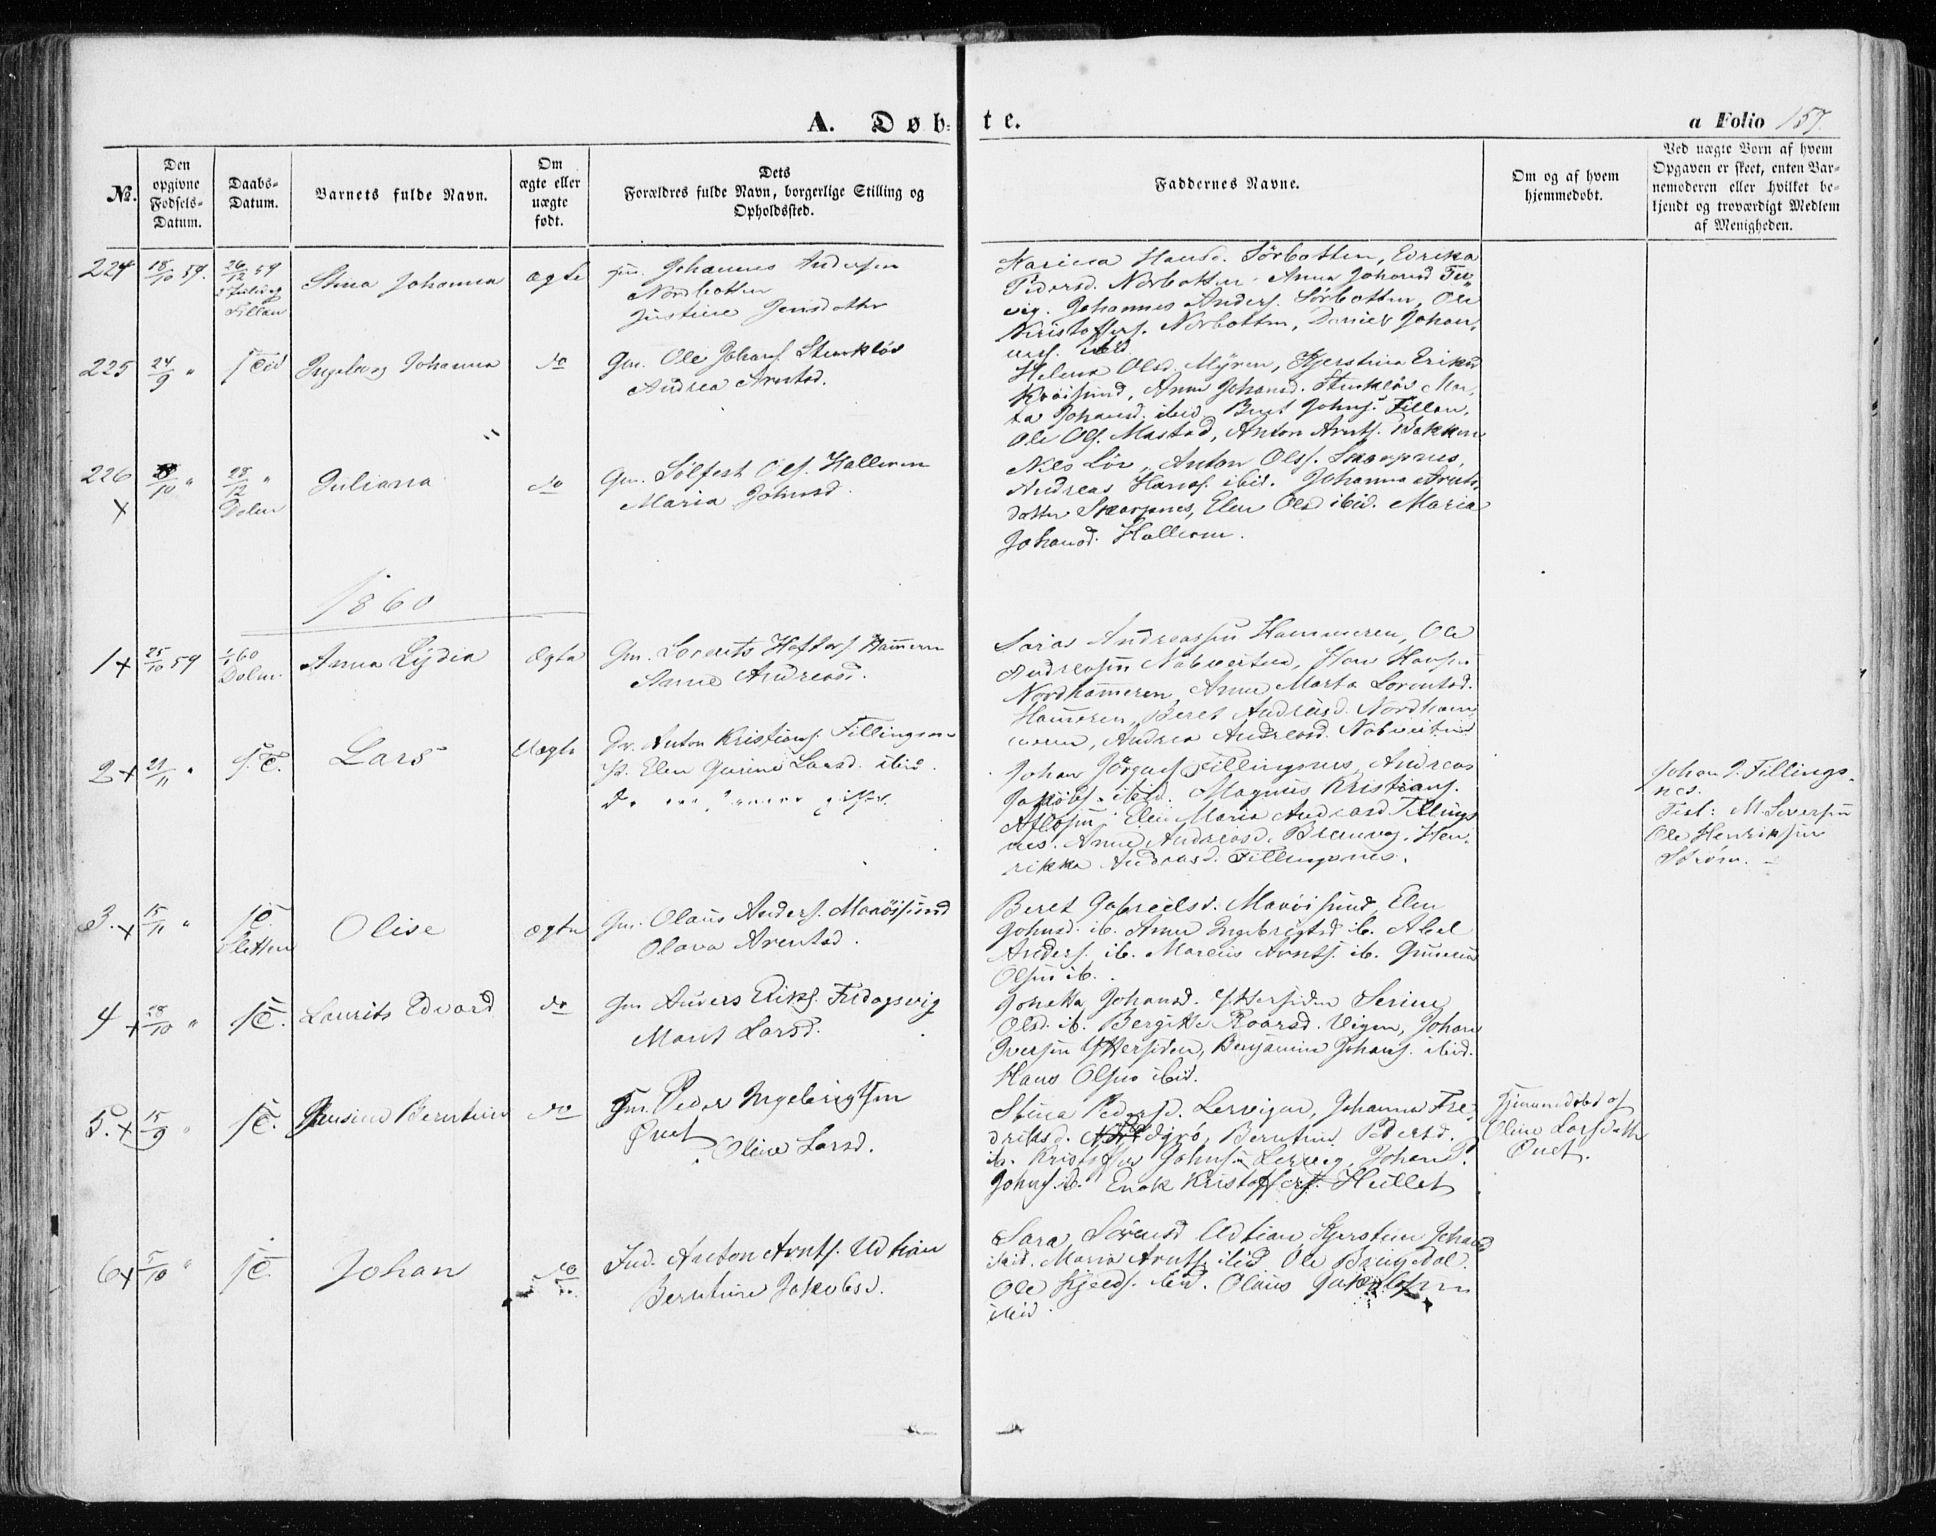 SAT, Ministerialprotokoller, klokkerbøker og fødselsregistre - Sør-Trøndelag, 634/L0530: Ministerialbok nr. 634A06, 1852-1860, s. 157